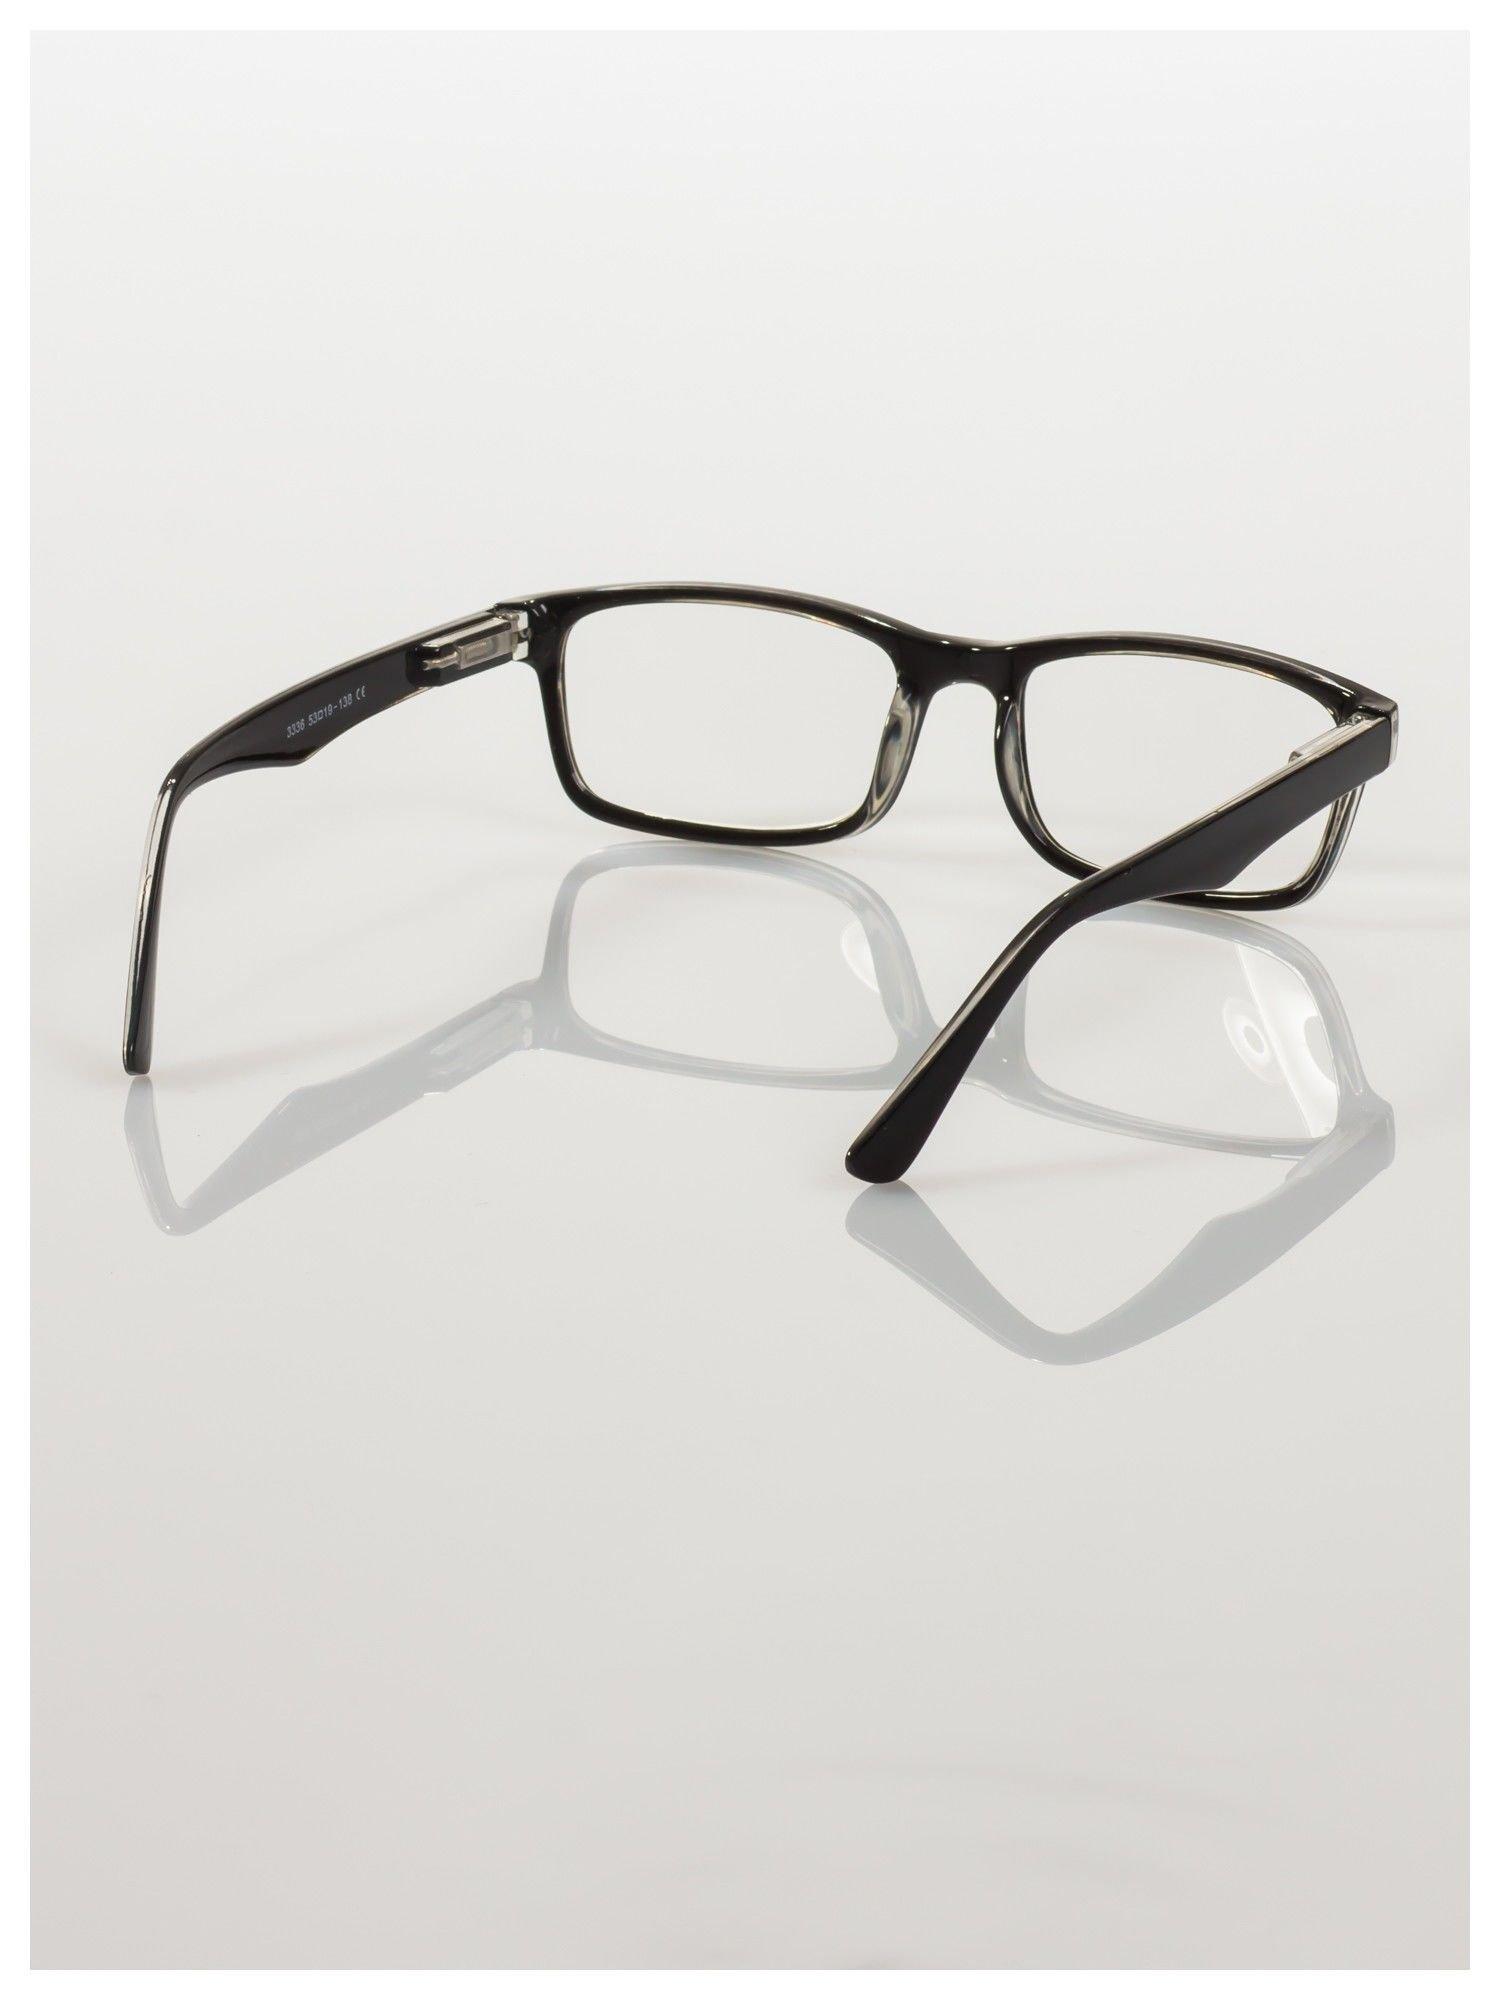 Okulary korekcyjne +2.5 D ,model WAYFARER do czytania z systemem FLEX na zausznikach +GRATIS PLASTIKOWE ETUI I ŚCIERECZKA Z MIKROFIBRY                                  zdj.                                  4